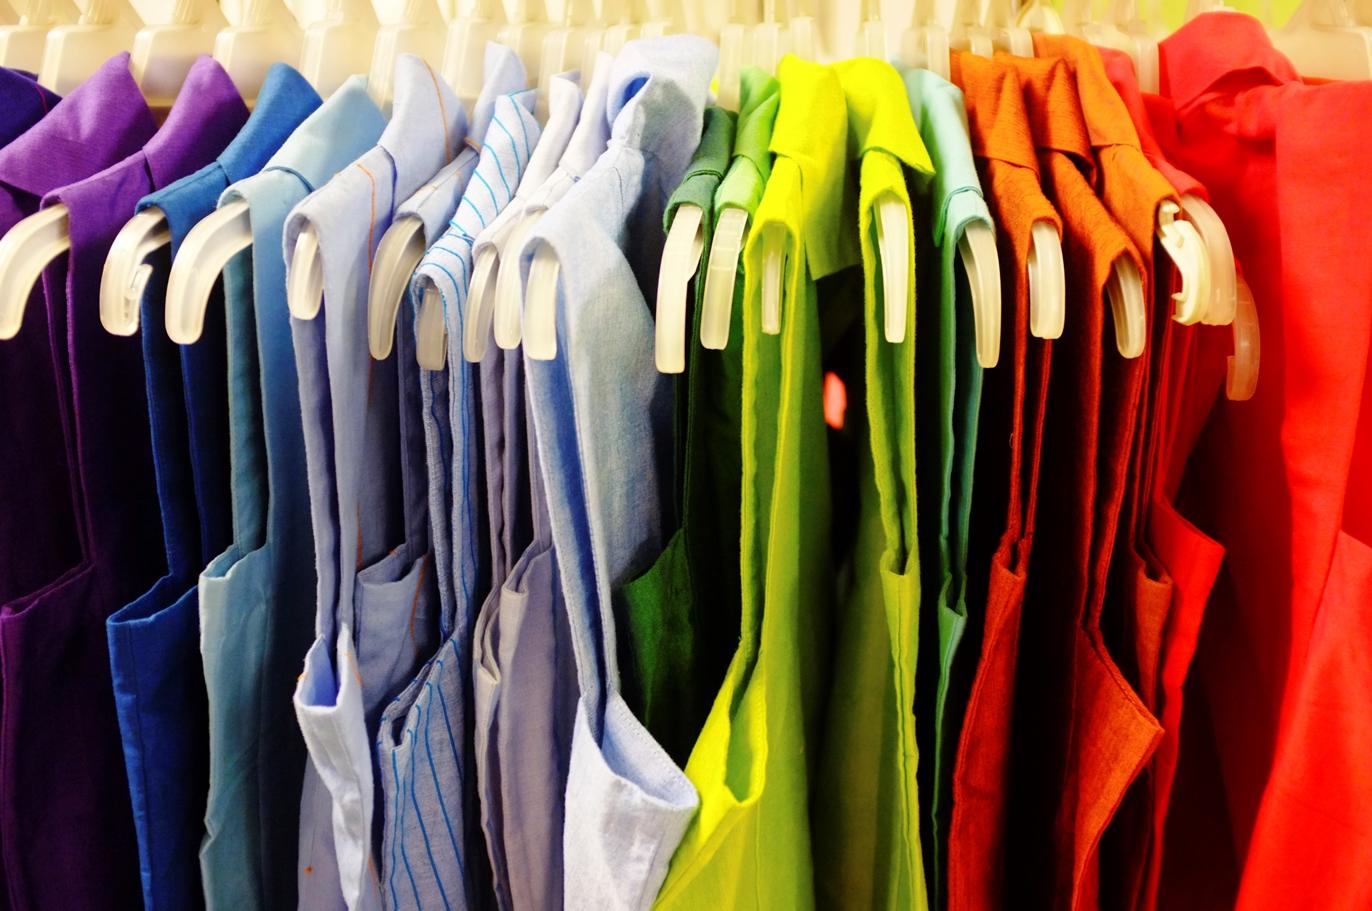 Was soll ich anziehen? Tipps für die richtige Kleidung zum Vorstellungsgespräch